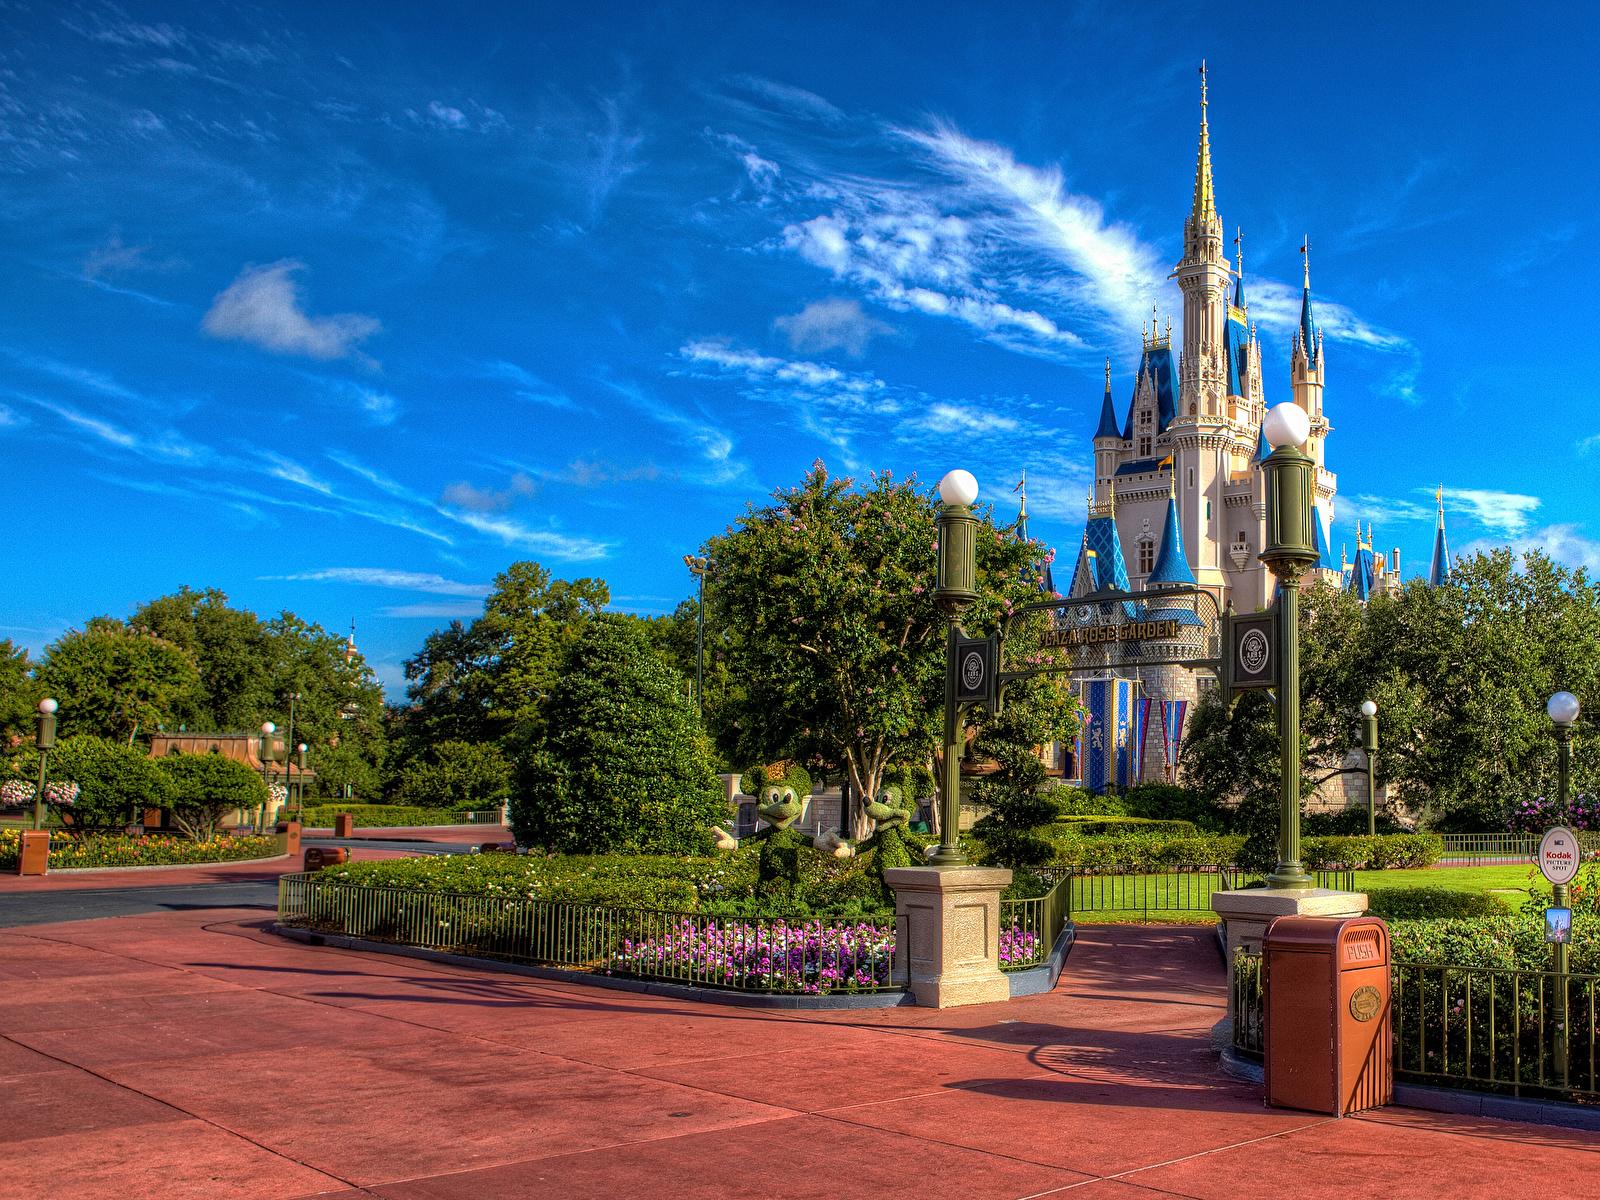 Bilder Anaheim Kalifornien Disneyland USA HDR Burg Park Straßenlaterne Städte Design 1600x1200 Vereinigte Staaten HDRI